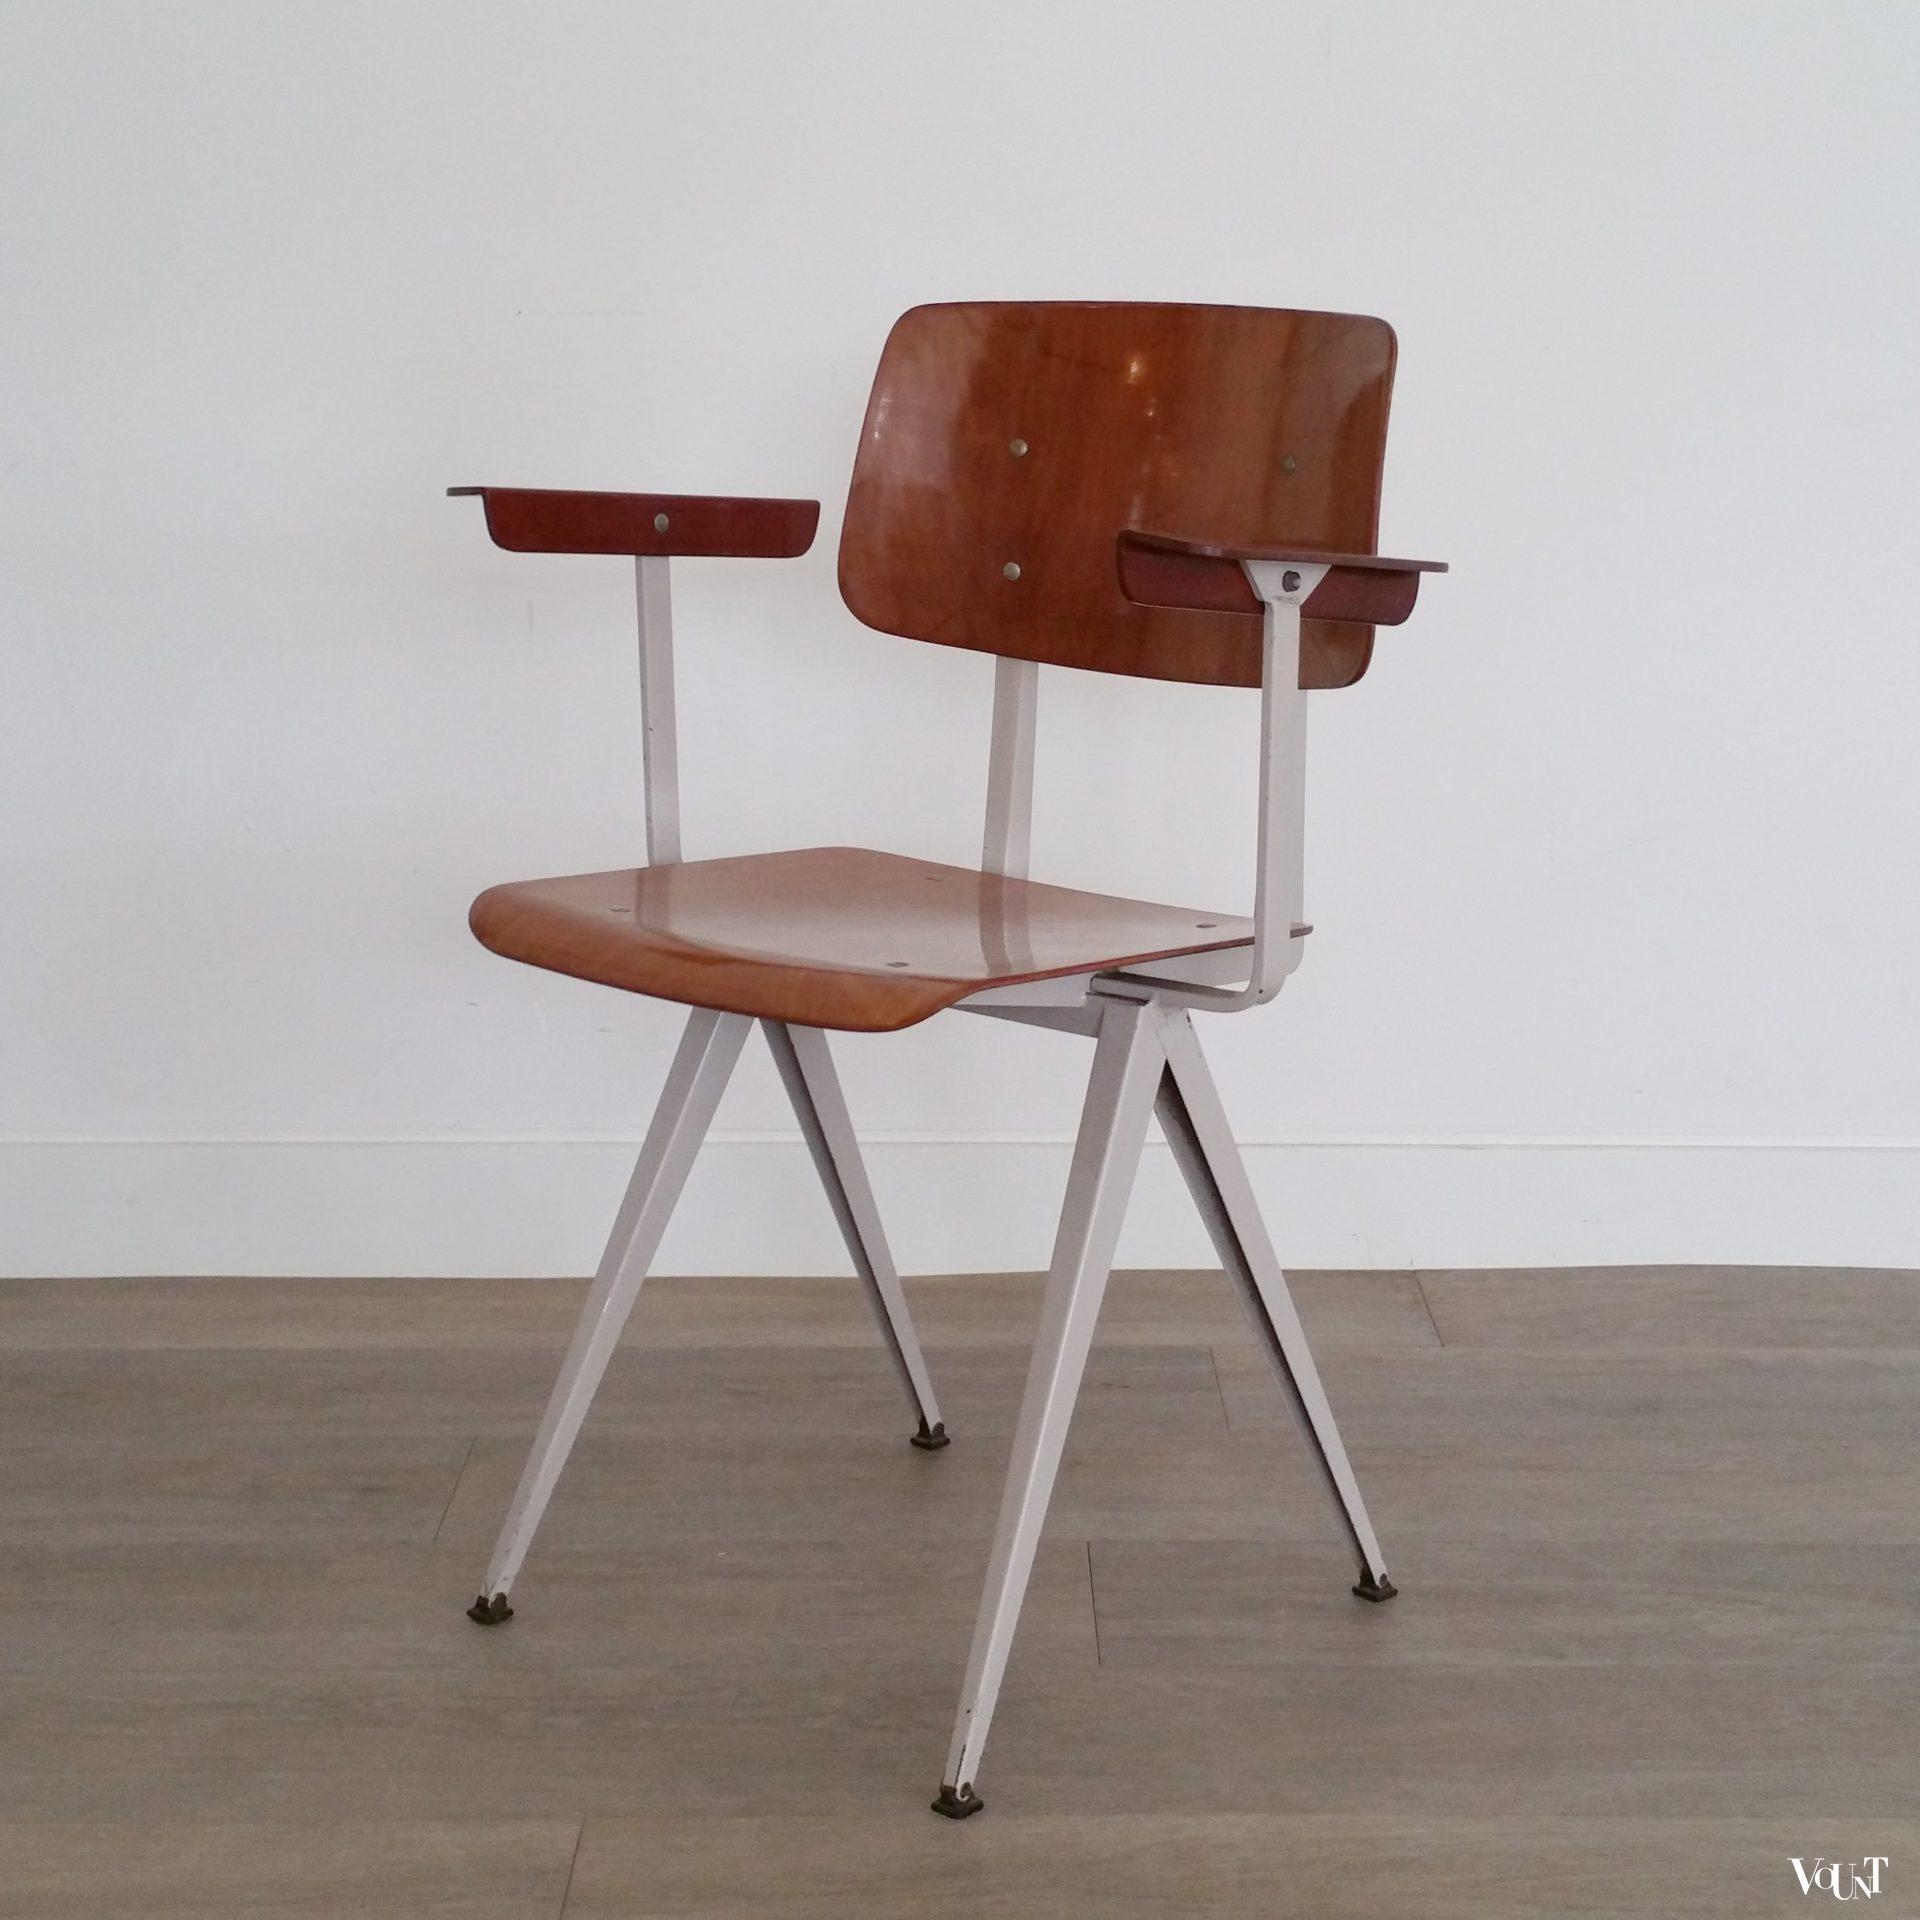 Galvanitas stoel S16 met armleuningen, jaren '60